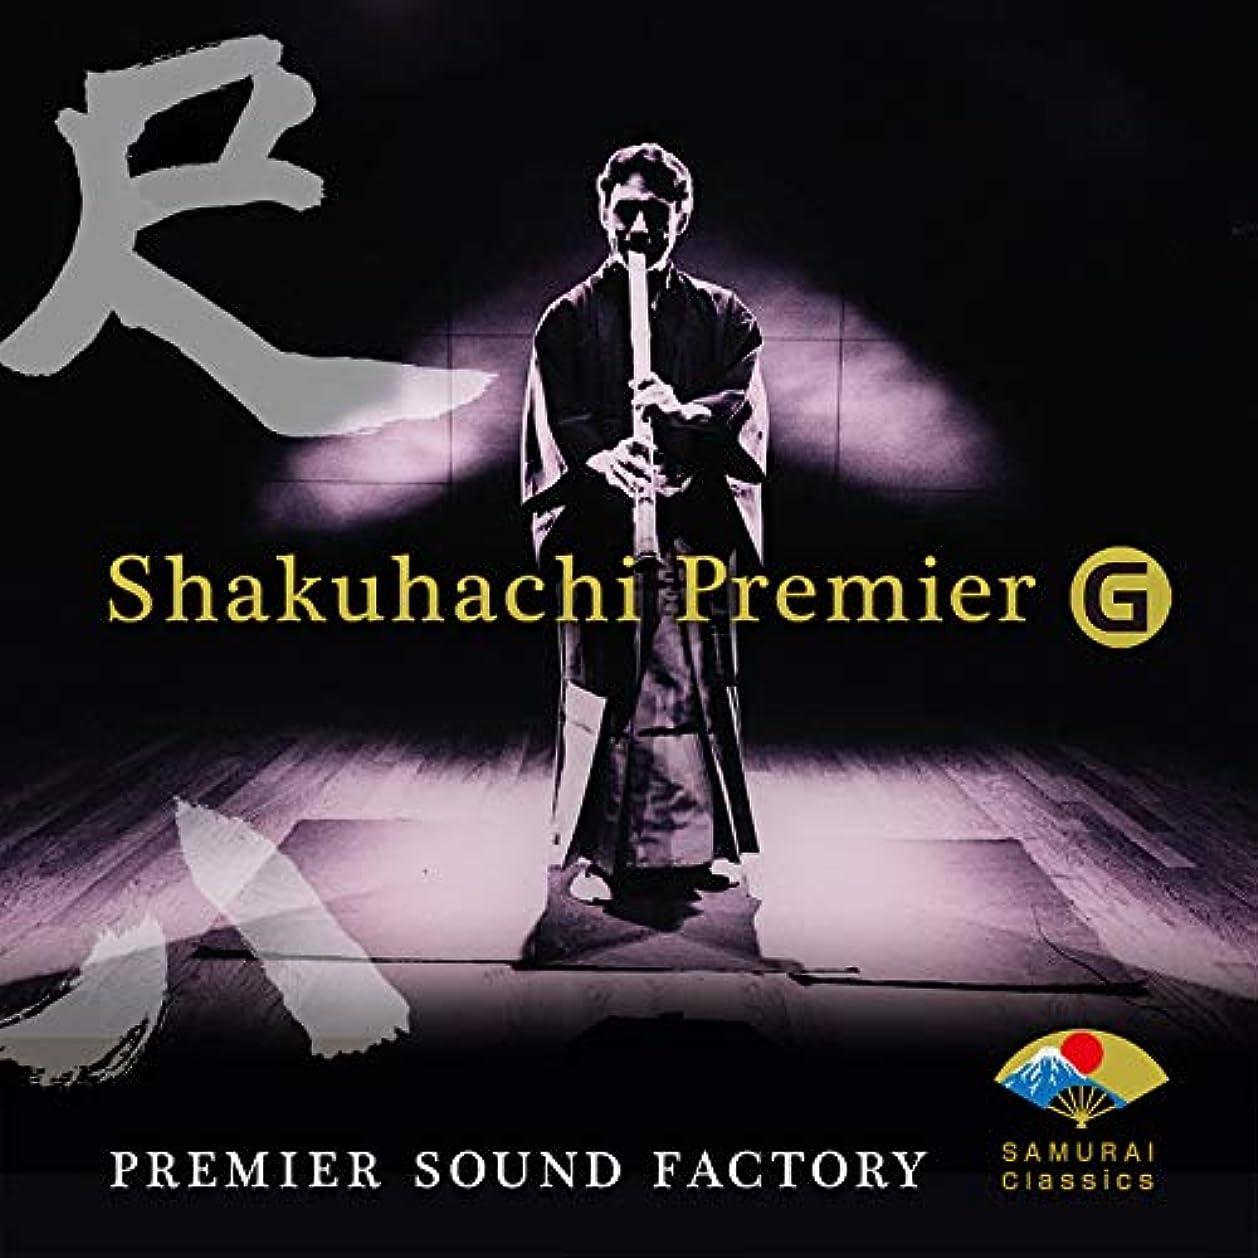 道徳教育送信する剥ぎ取るPREMIER SOUND FACTORY 尺八 Shakuhachi Premier G – 尺八音源